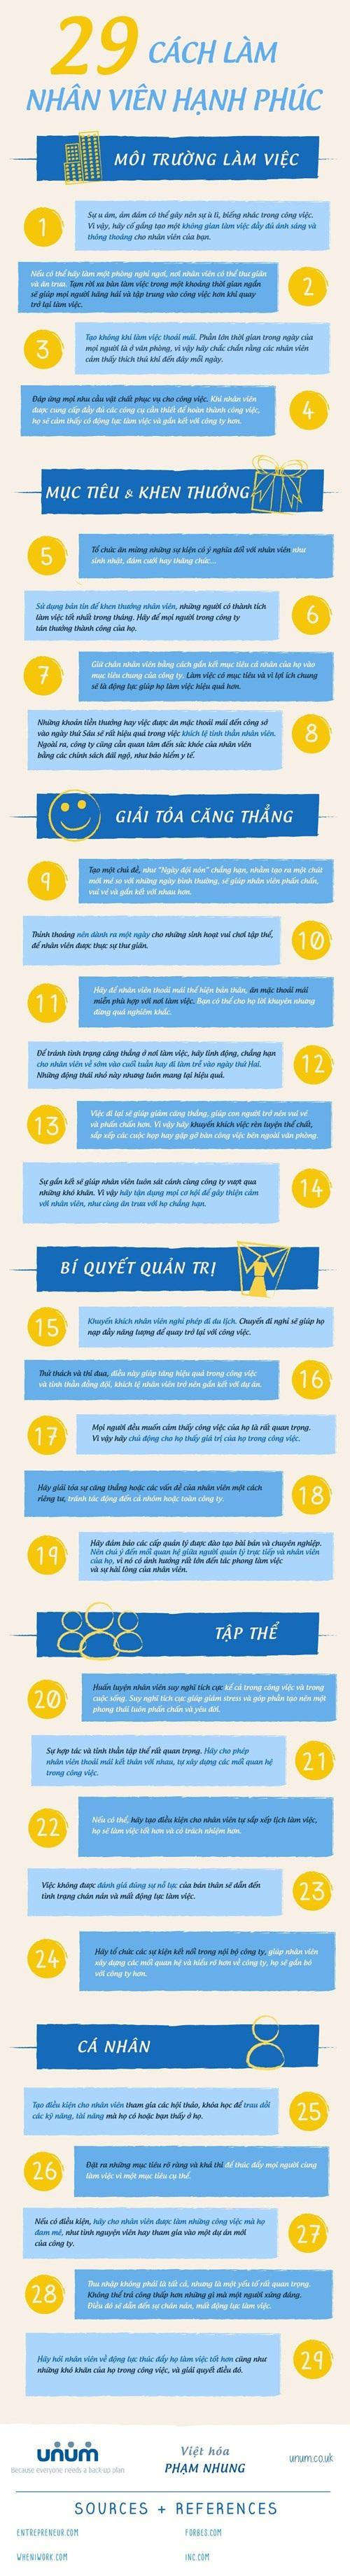 [Infographic] 29 cách làm nhân viên hạnh phúc